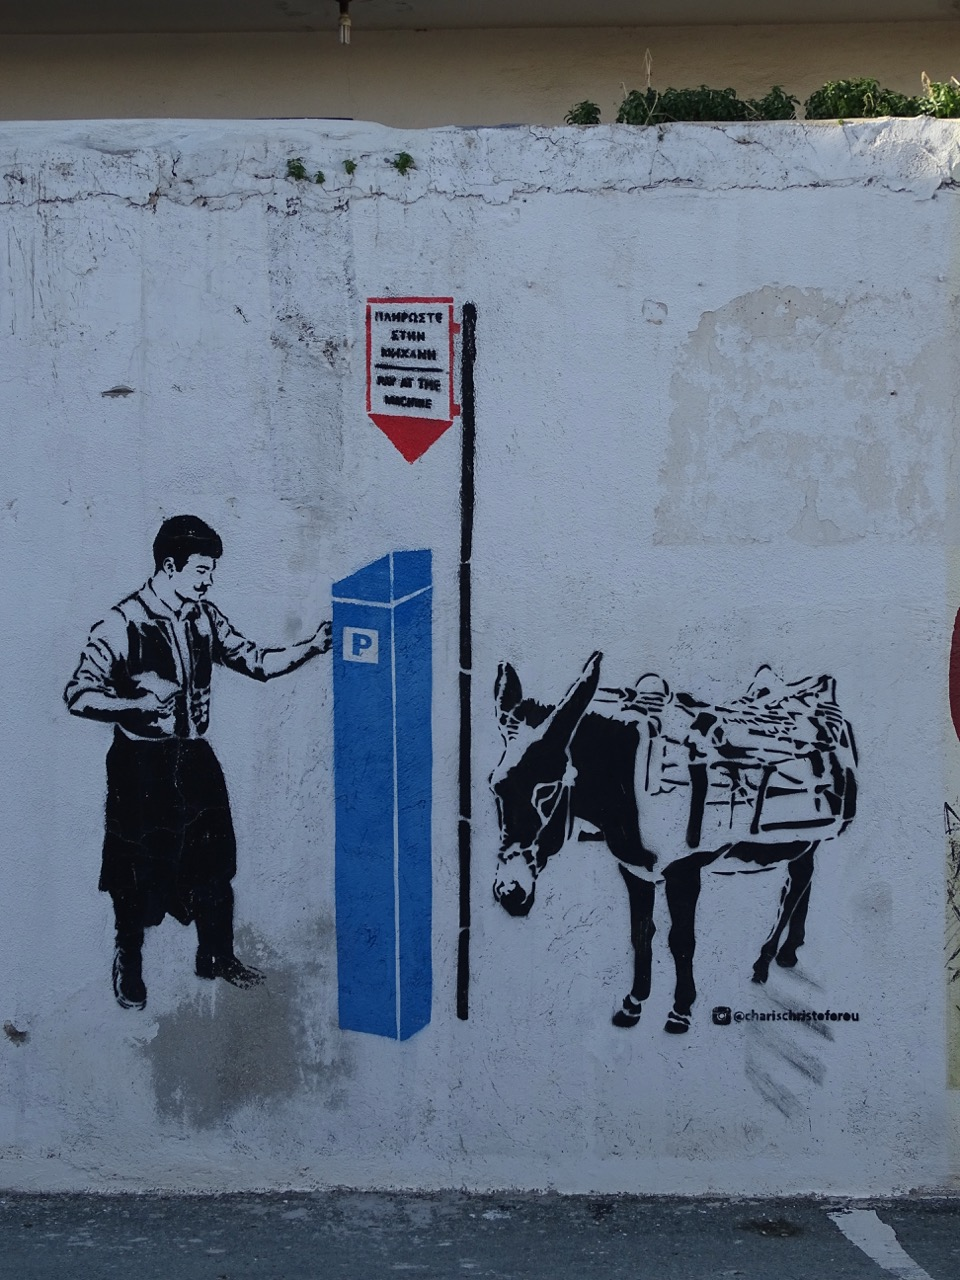 Charis Christoforou street artist